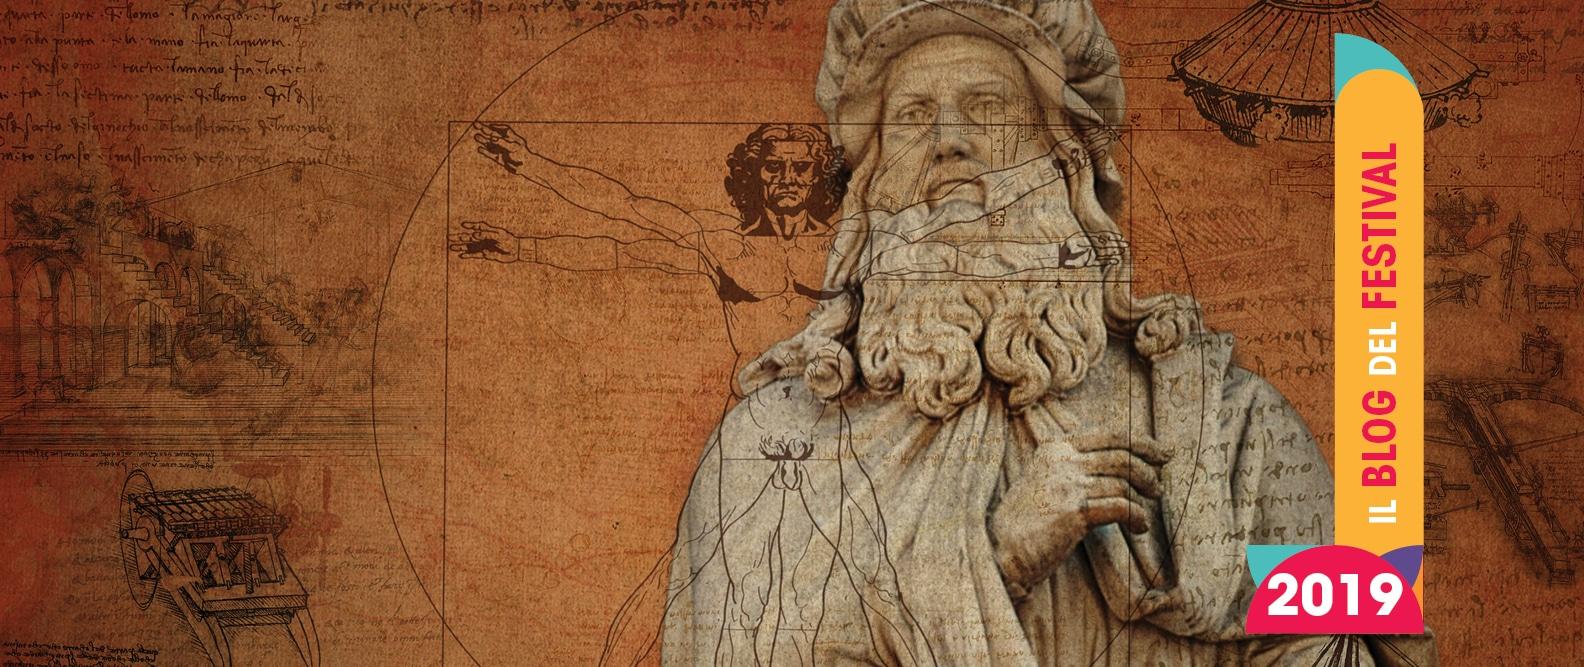 Leonardo, maestro di coding e robotica